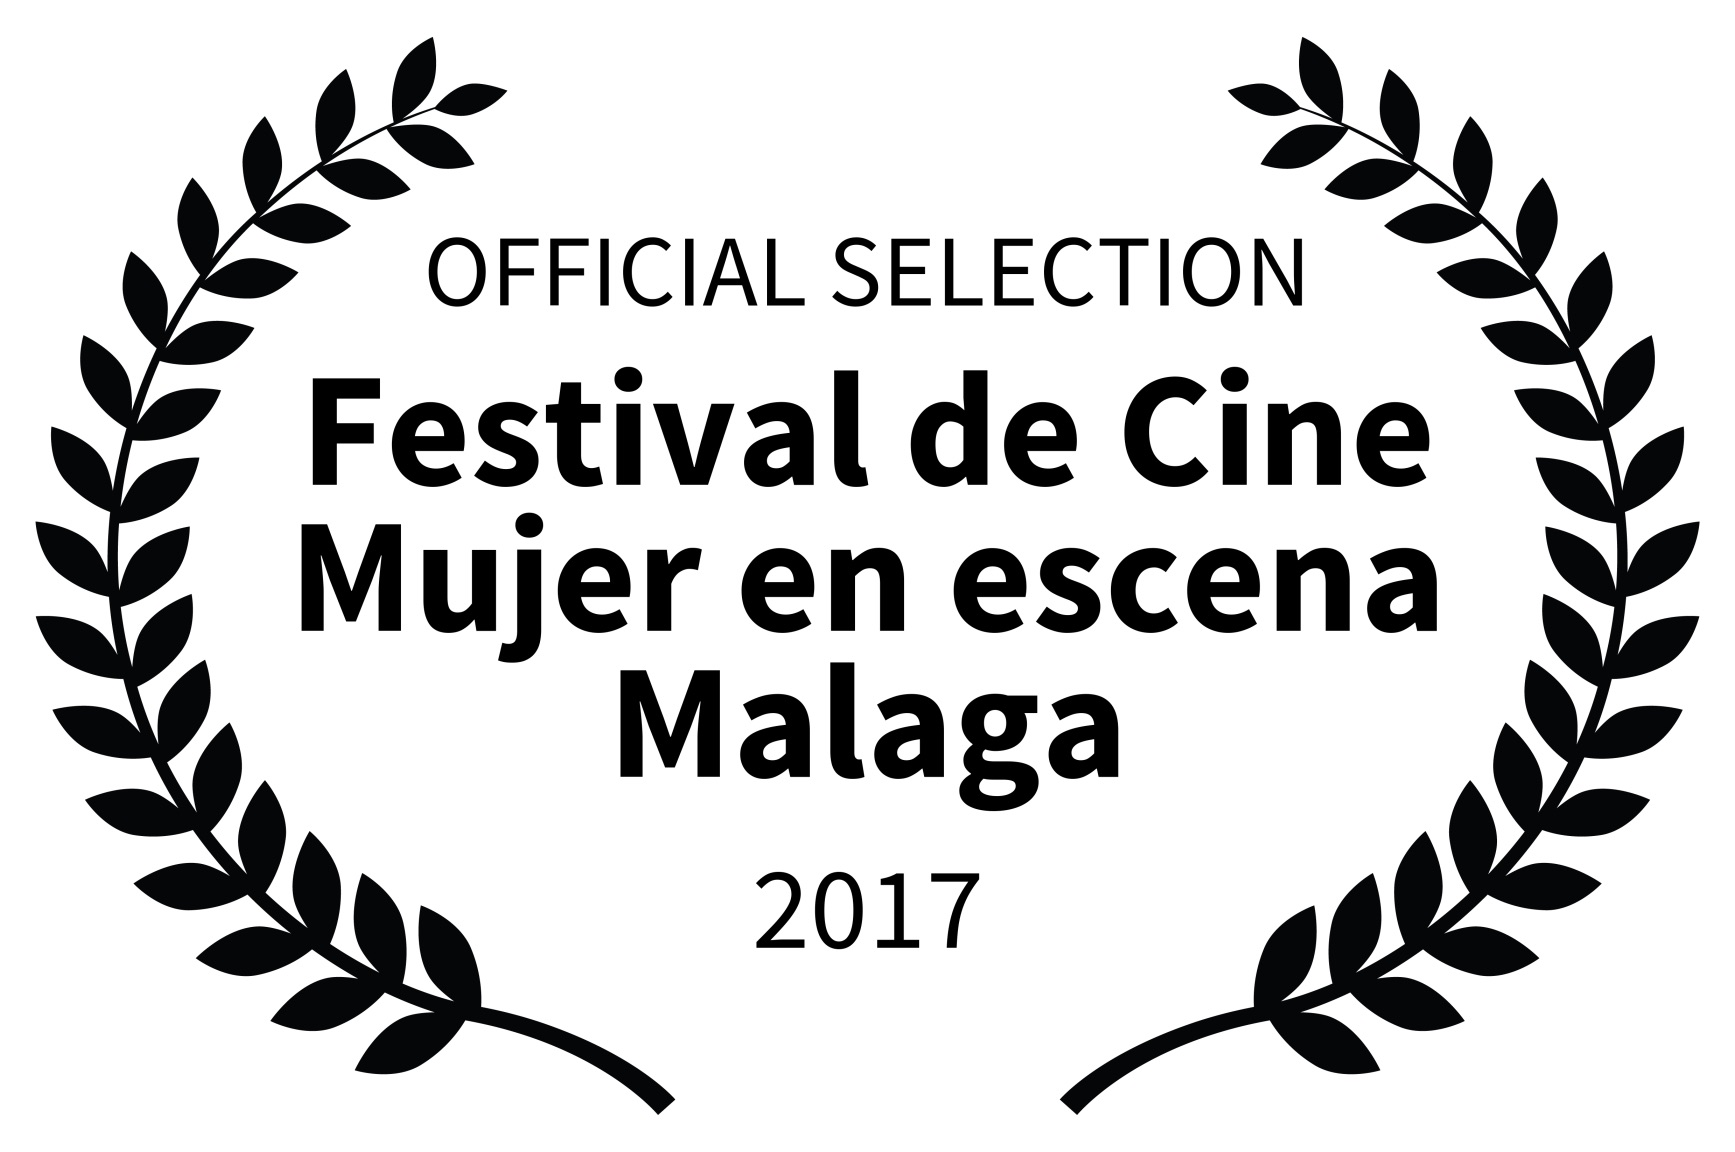 OFFICIAL SELECTION - Festival de Cine Mujer en escena Malaga - 2017